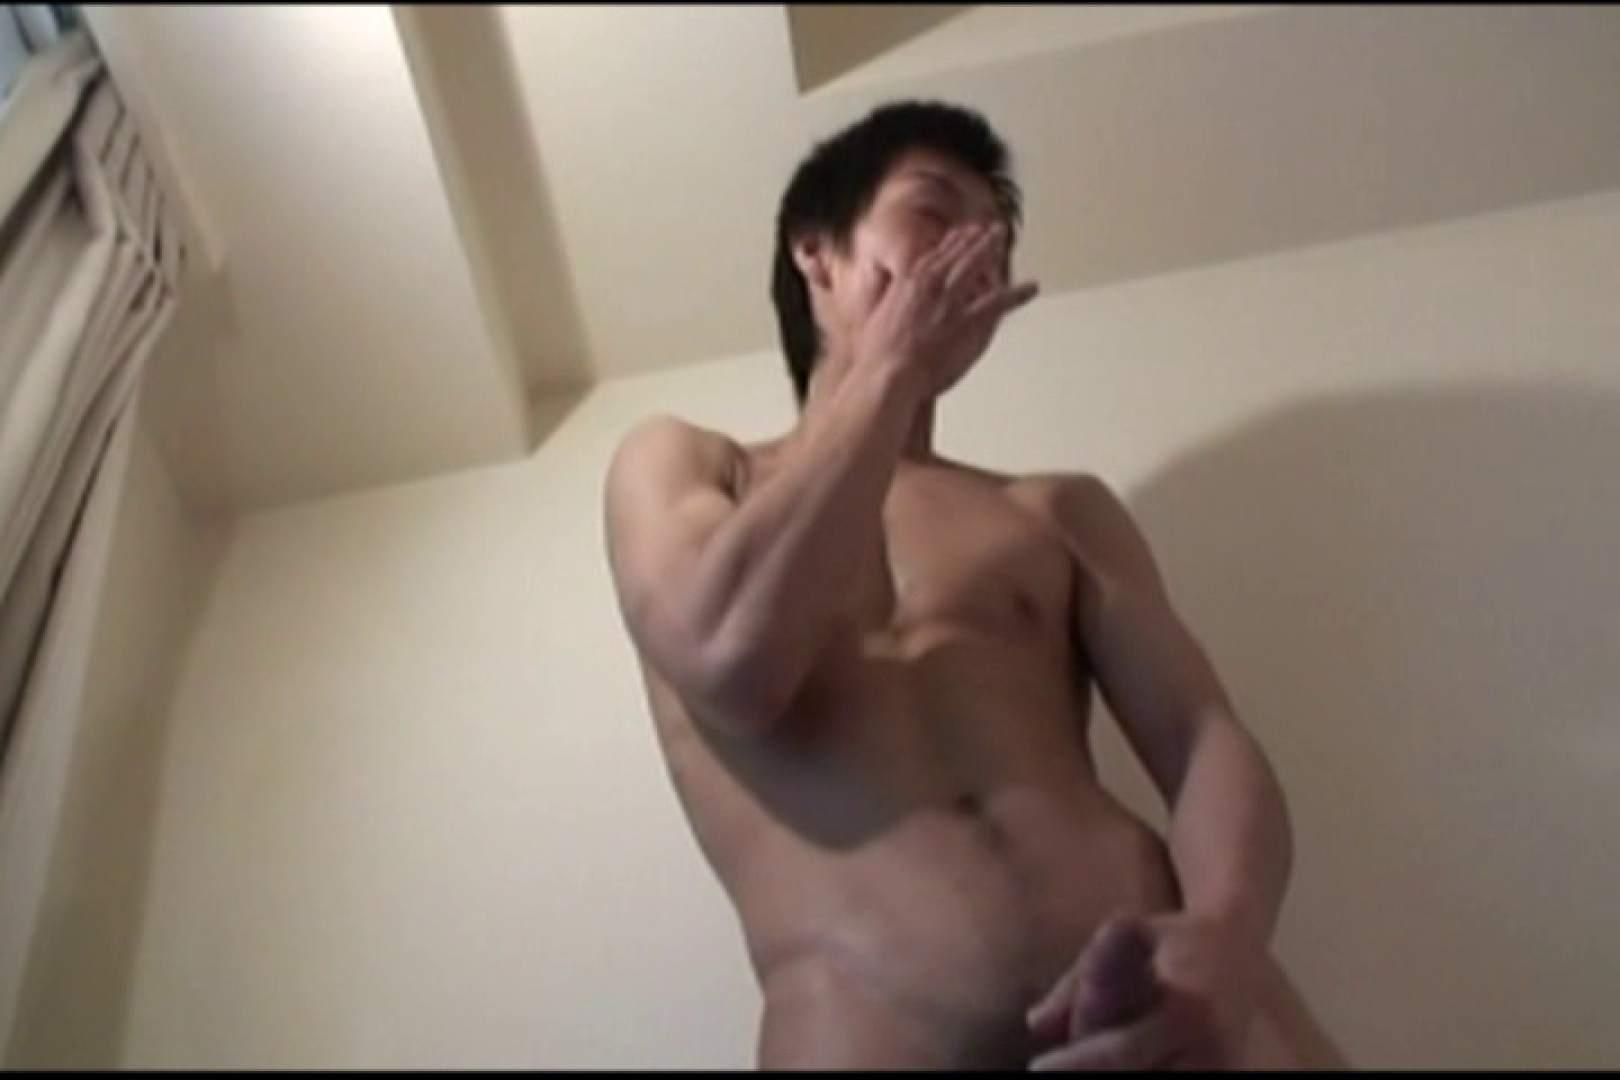 ゲイ 肉棒 動画 爽やかイケメン君の筋トレ後の自慰行為 完全無修正